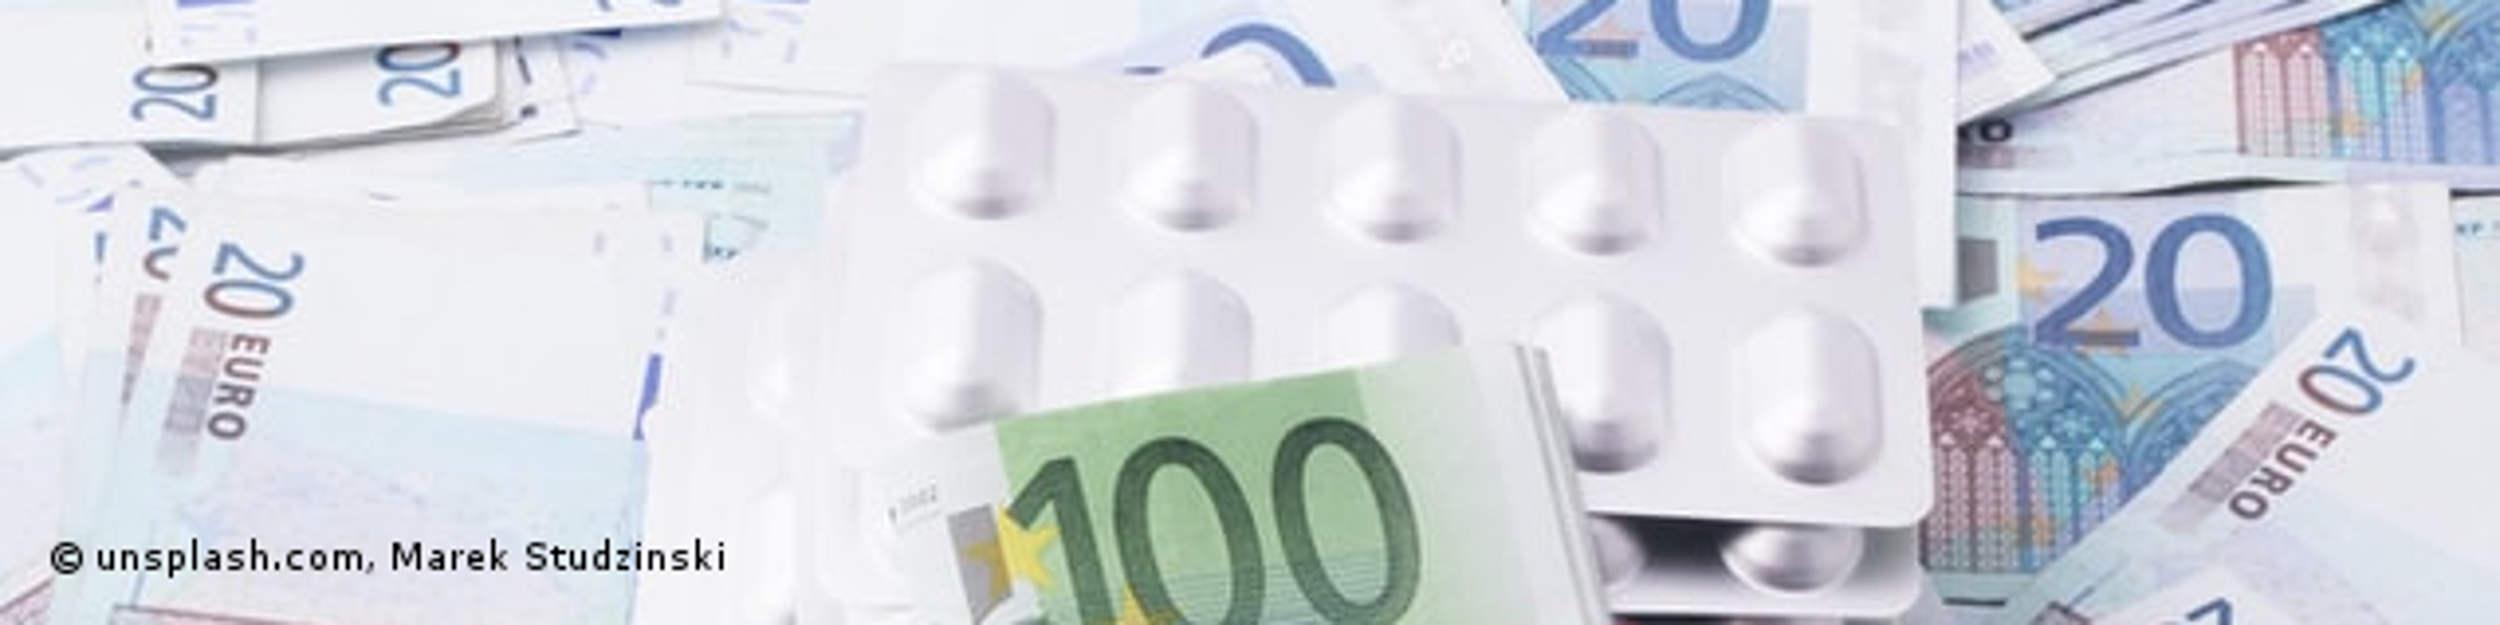 Ein Wechsel der Krankenversicherung kann teuer werden.